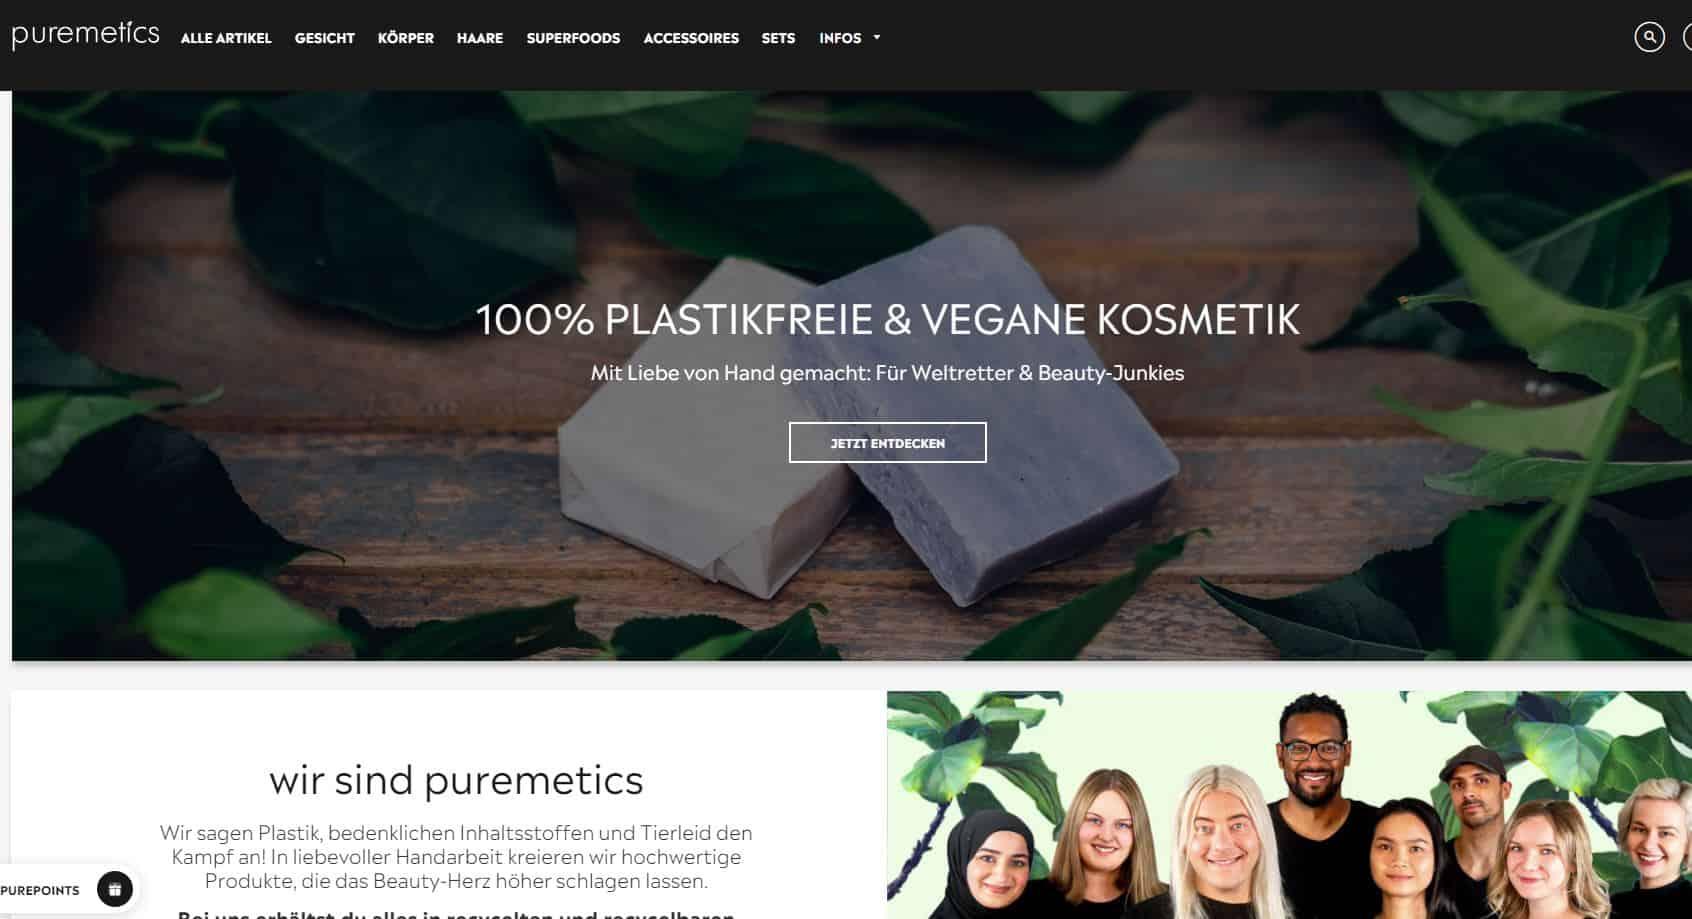 Puremetics screenshot